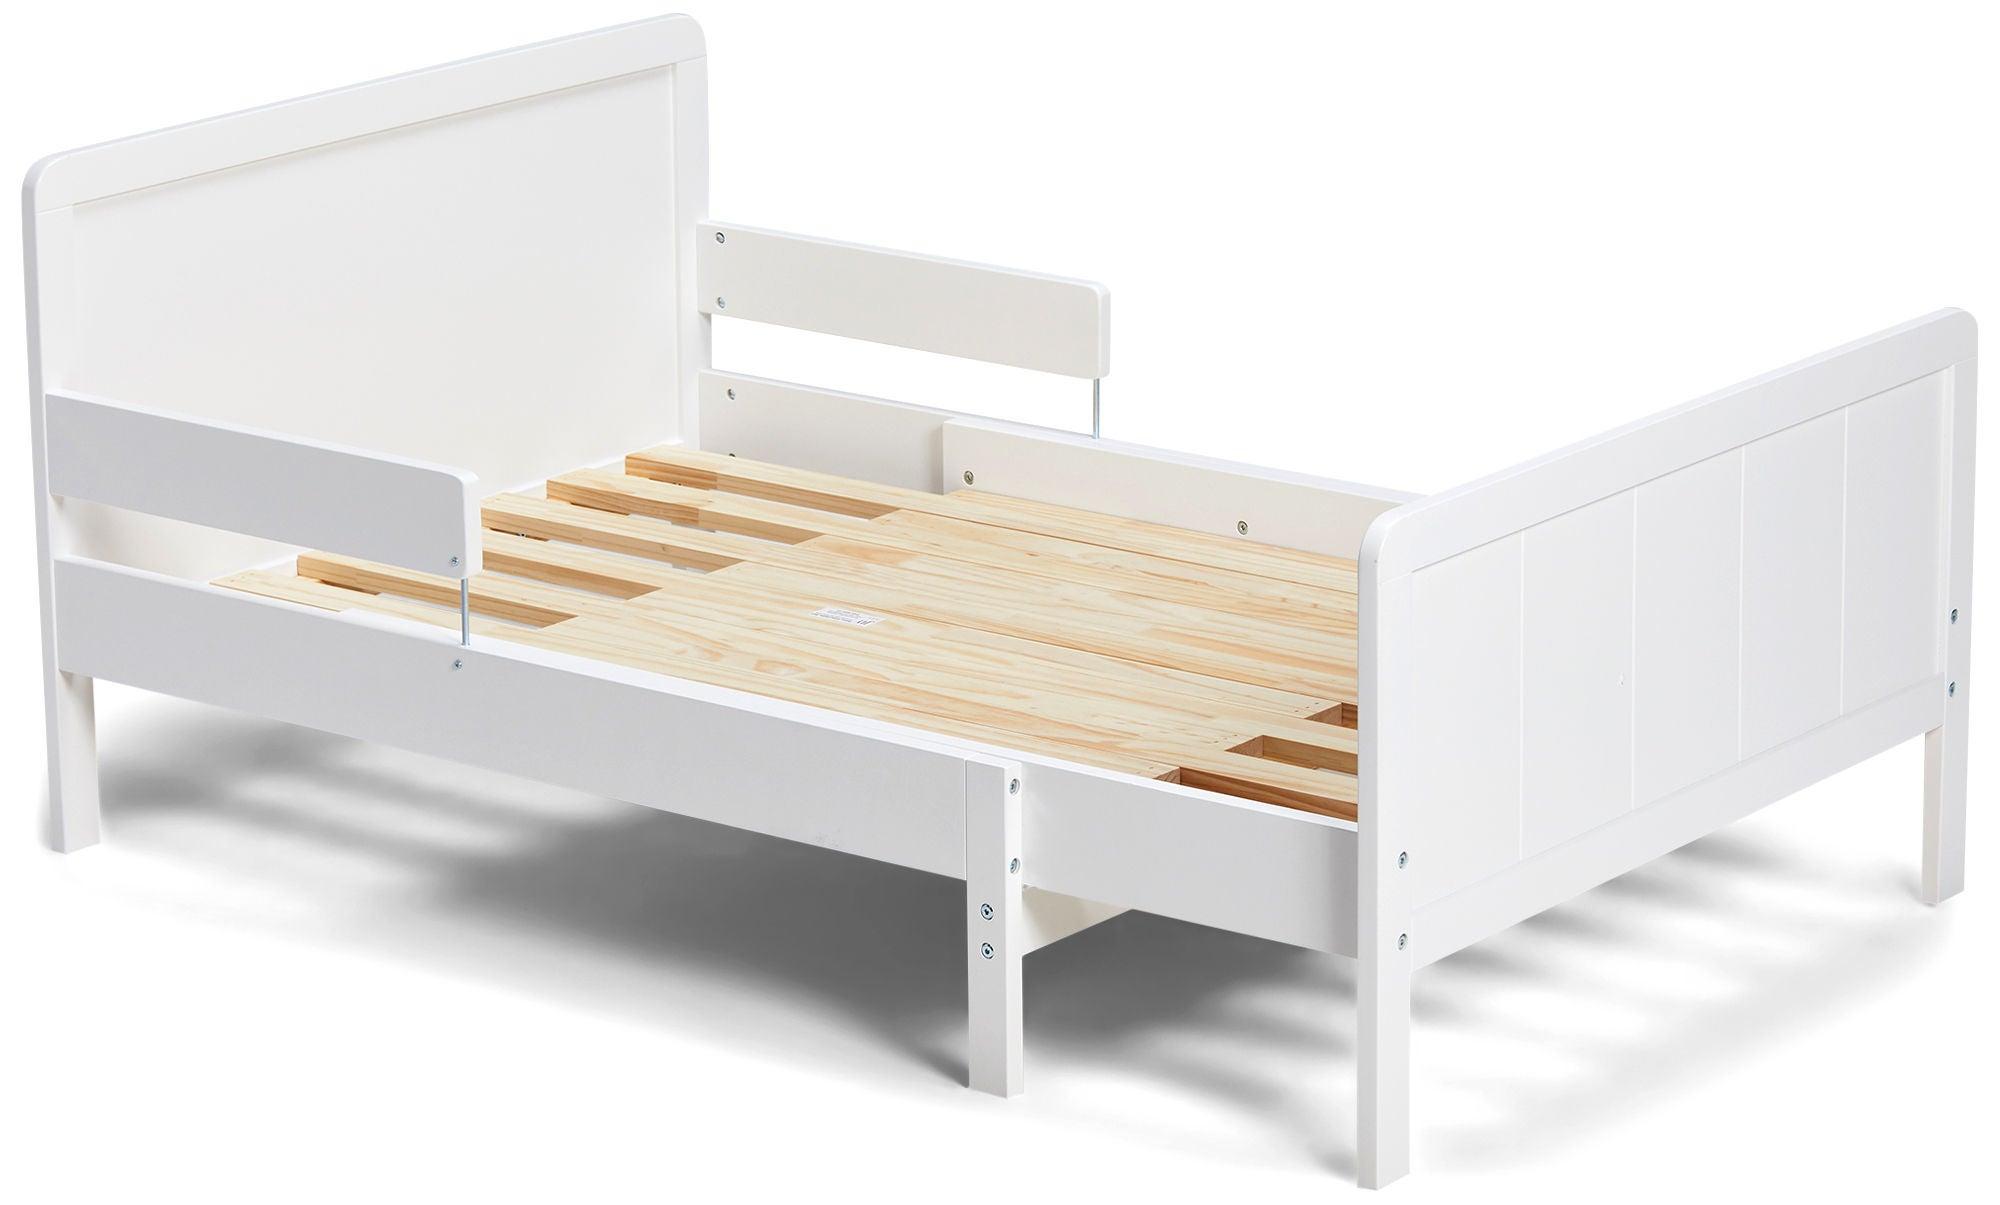 JLY Basic Jatkettava Sänky 80x200, Valkoinen